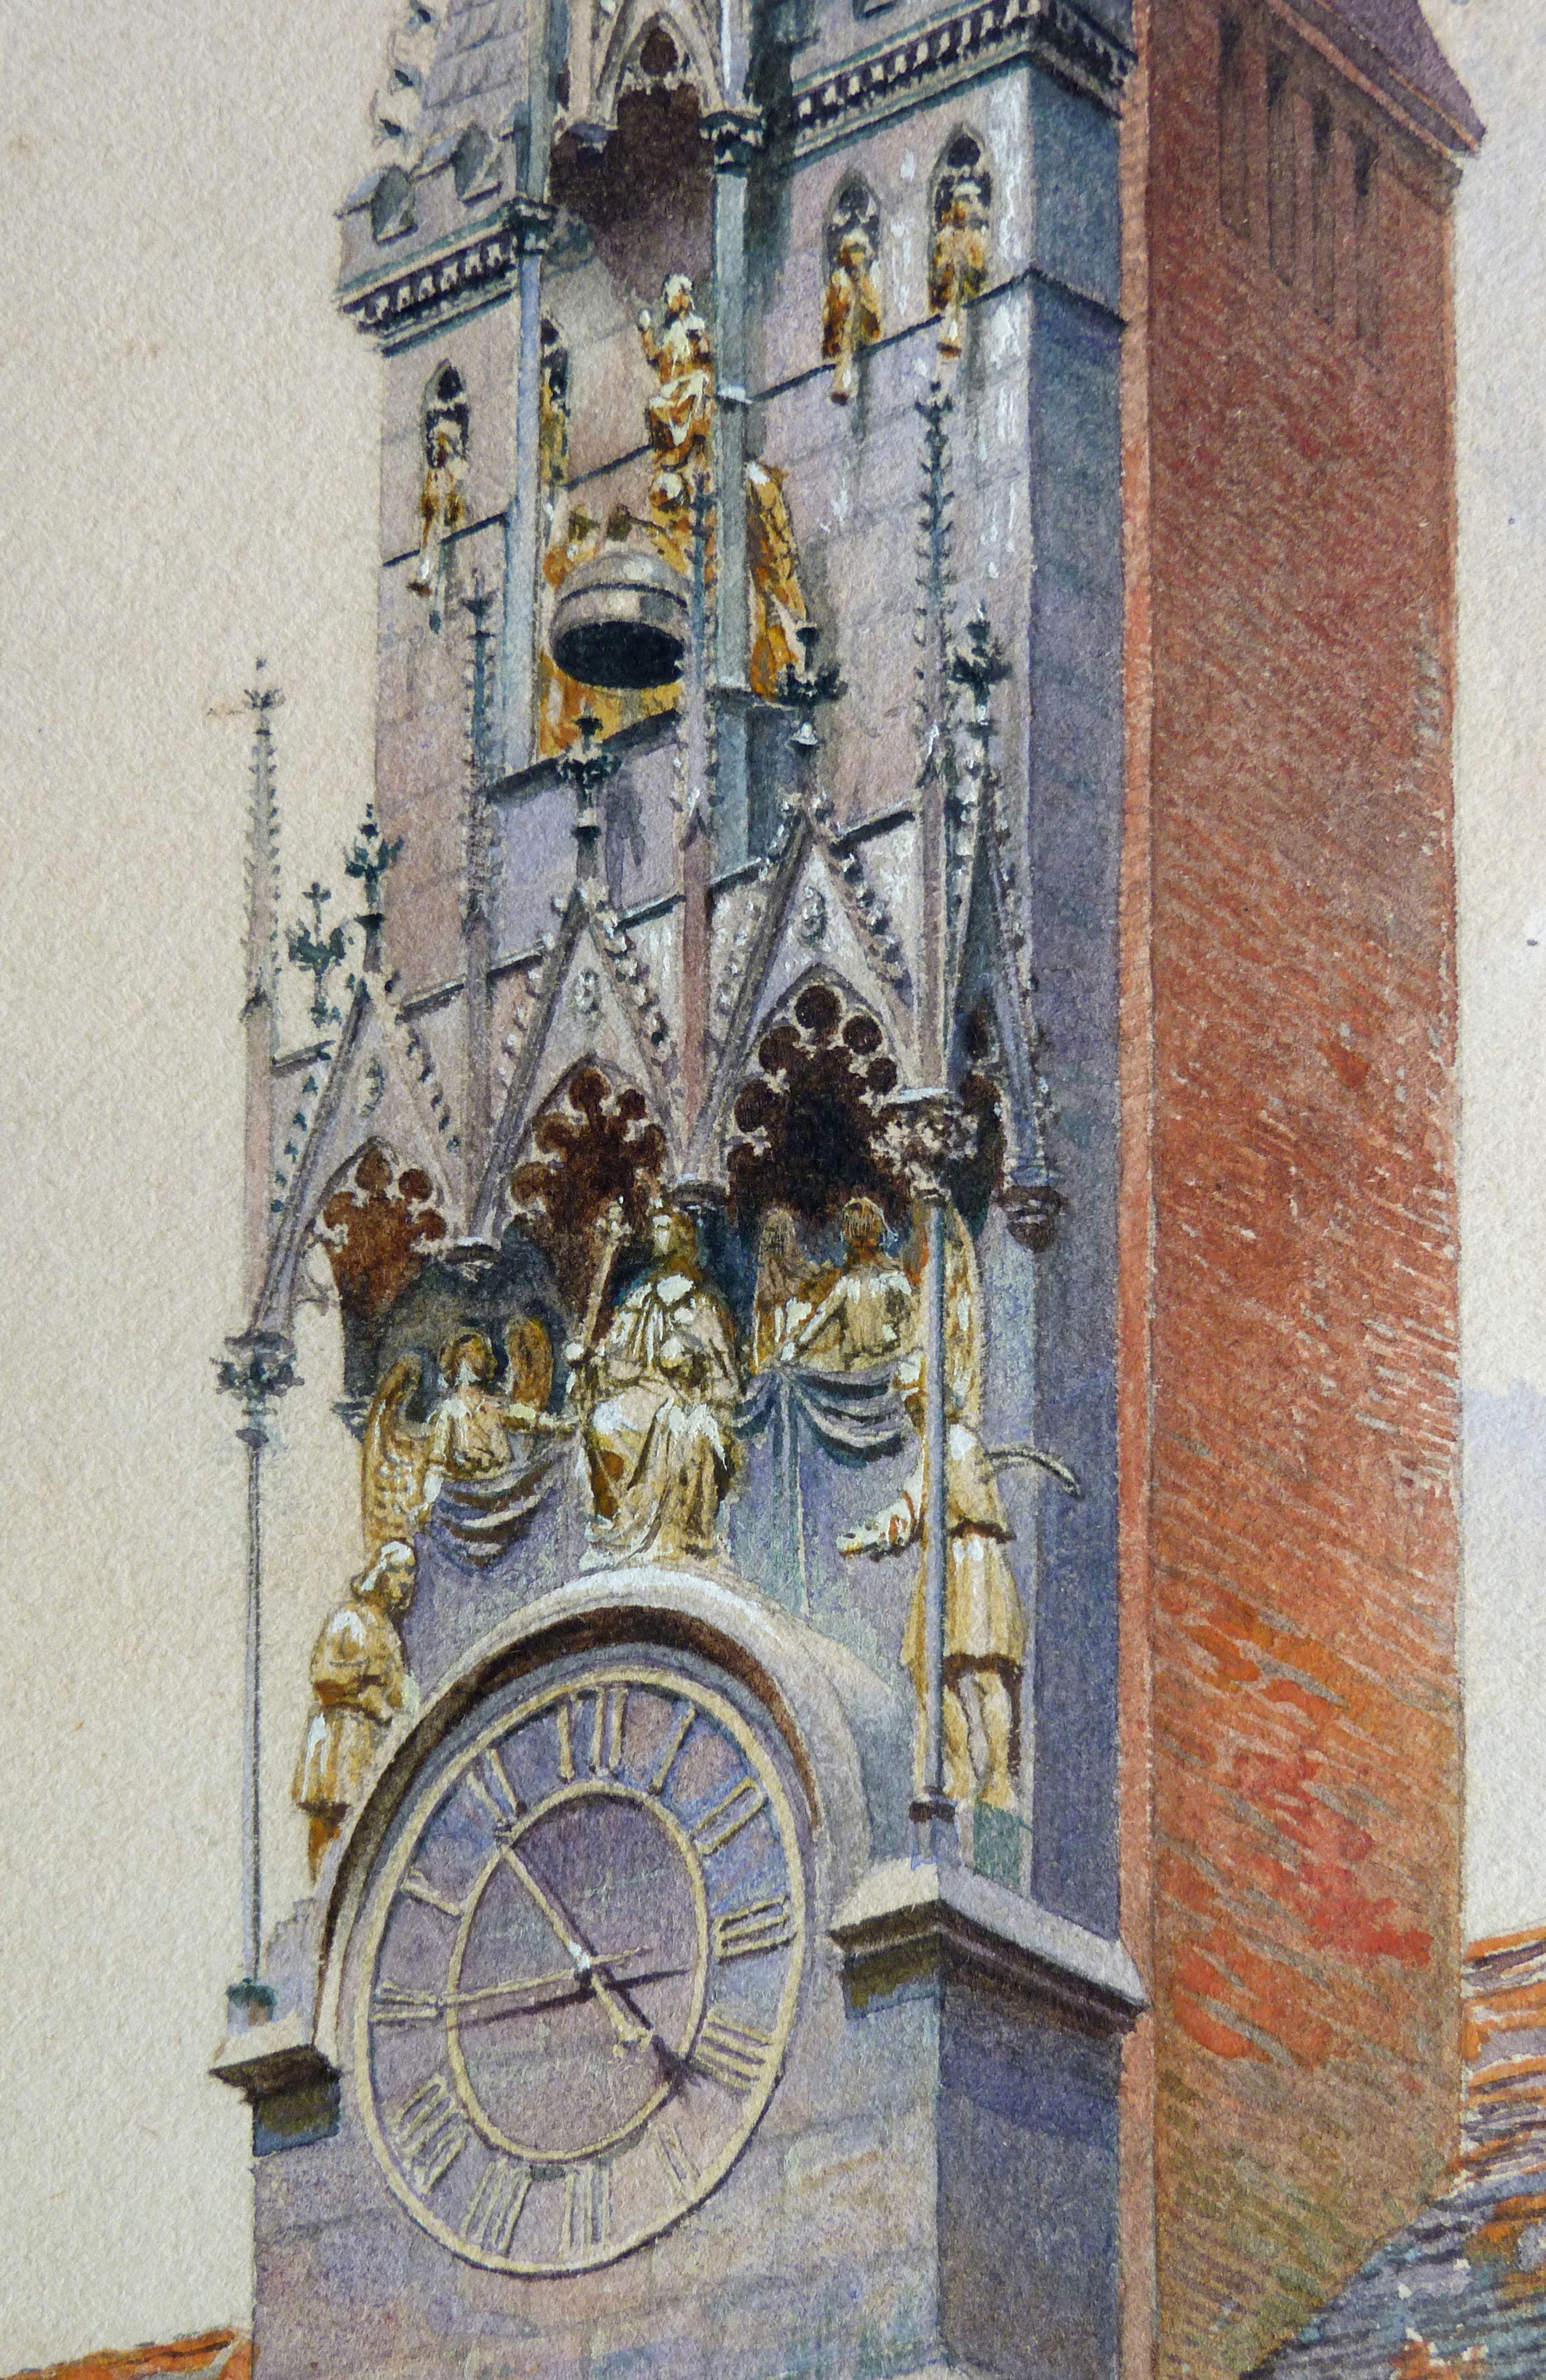 GNM, Augustinerbau, sog. Wittelsbacher Hof, mit Wittelsbacher Uhr Wittelsbacher Uhr